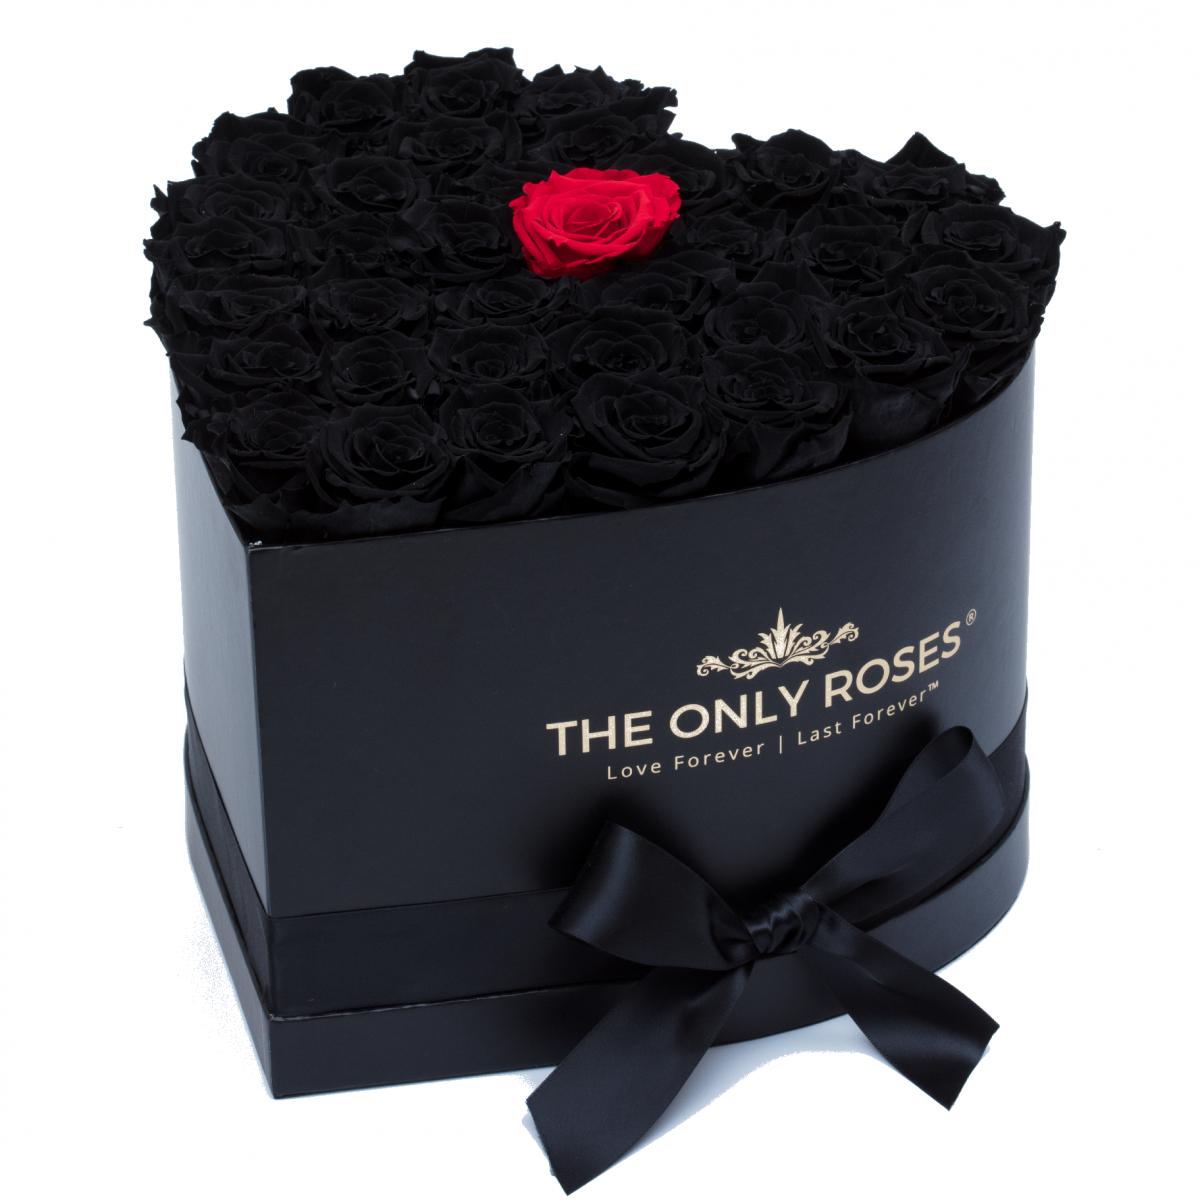 Композиция 100 Черни и една червена Рози от сапун в кутия с форма на сърце